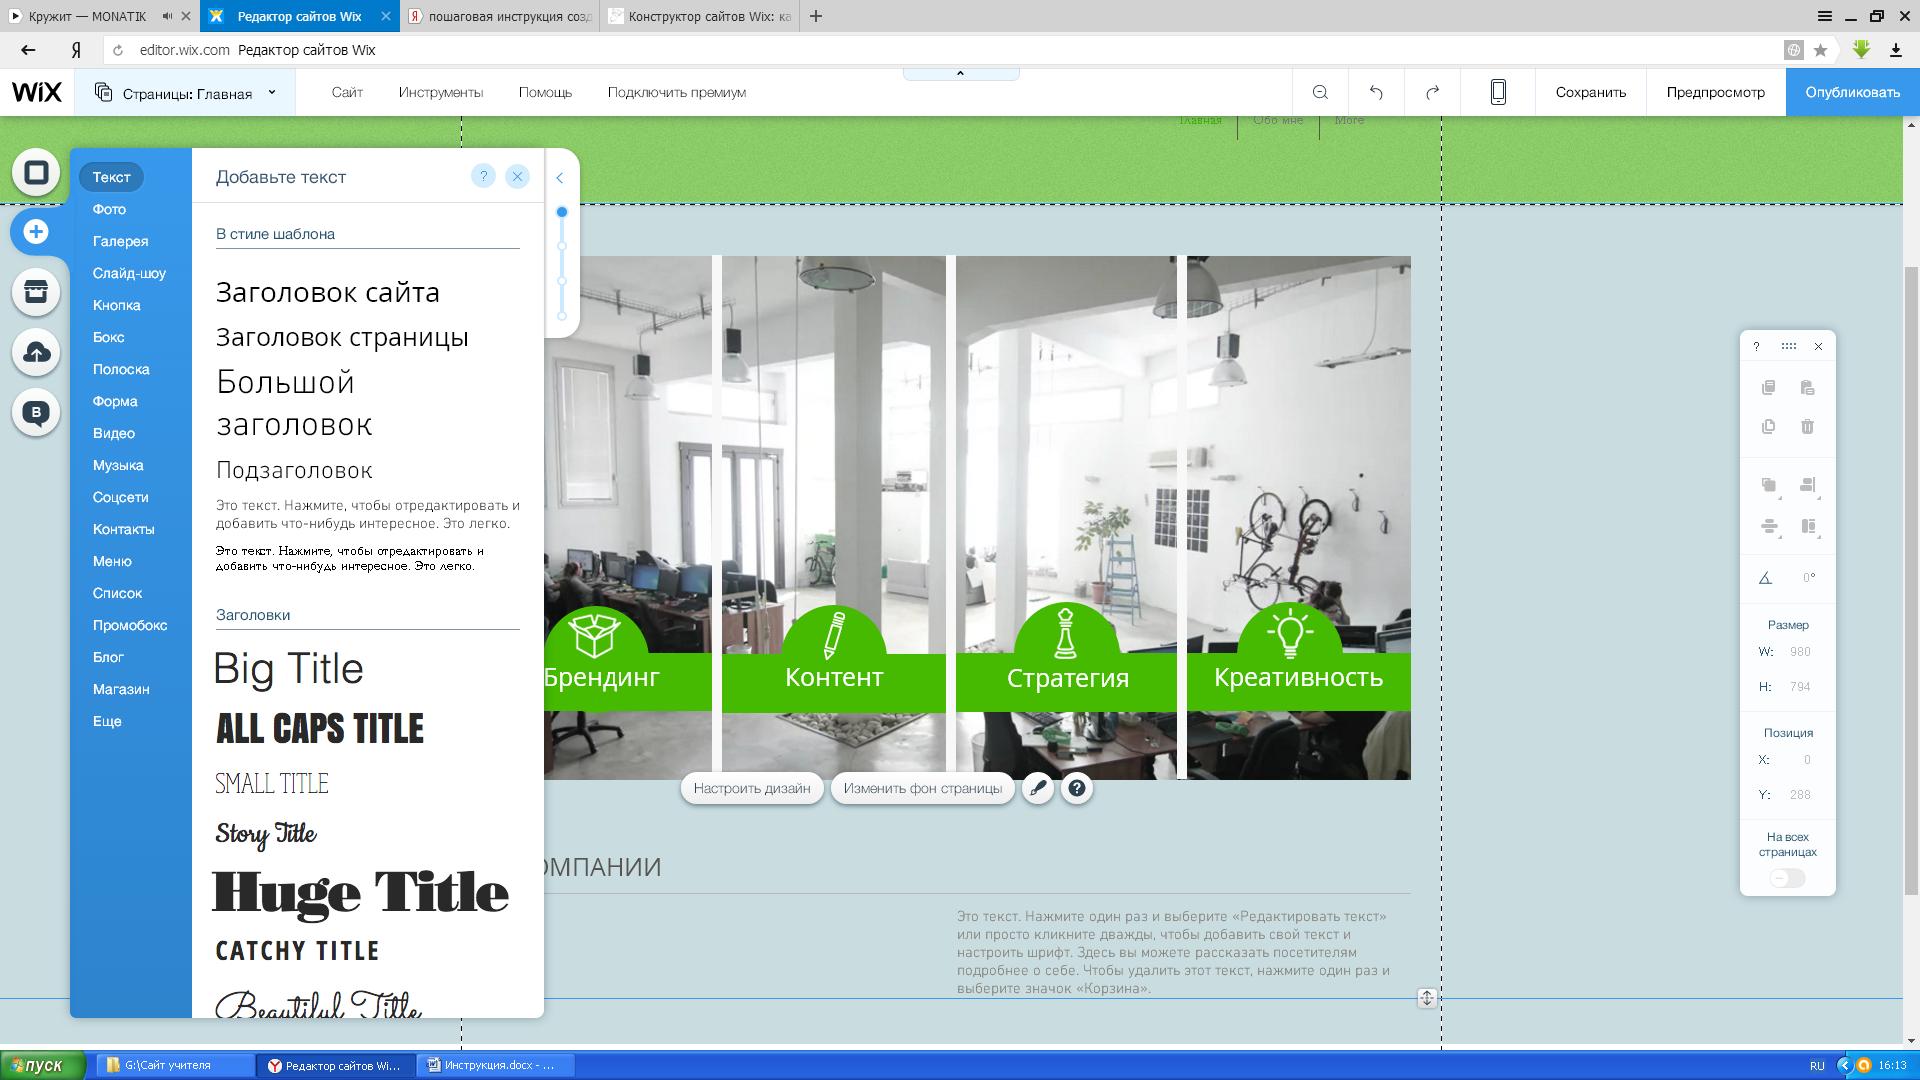 Создание сайта на wix инструкция уроки создания флеш сайт